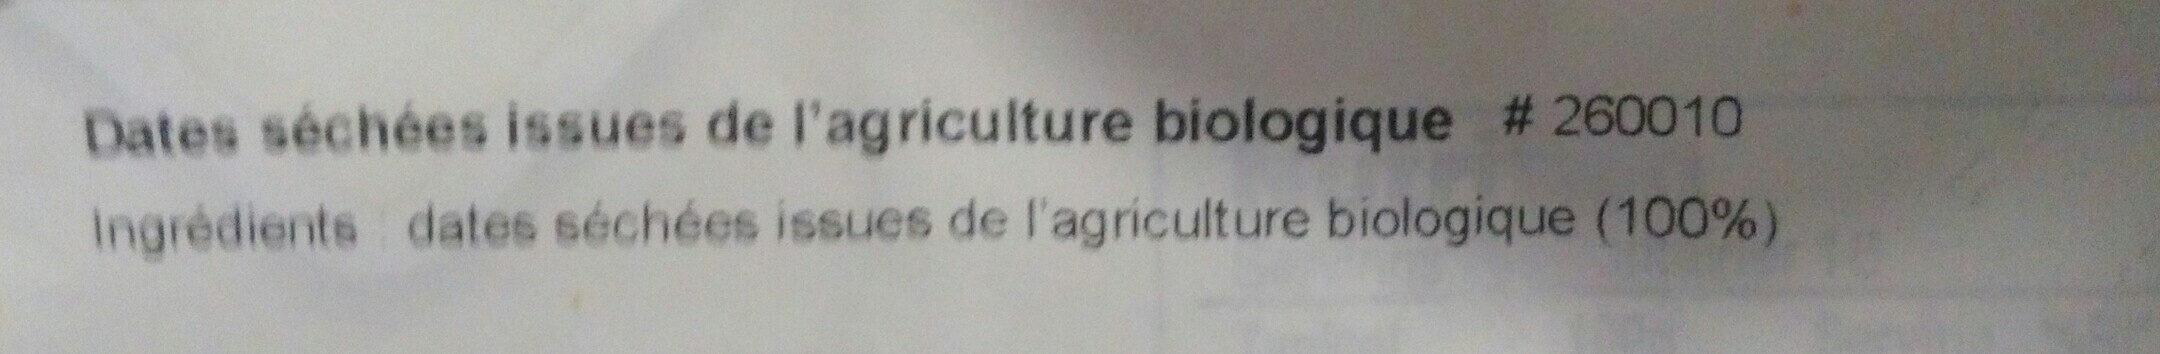 Organic pitted dates - Ingredienti - fr